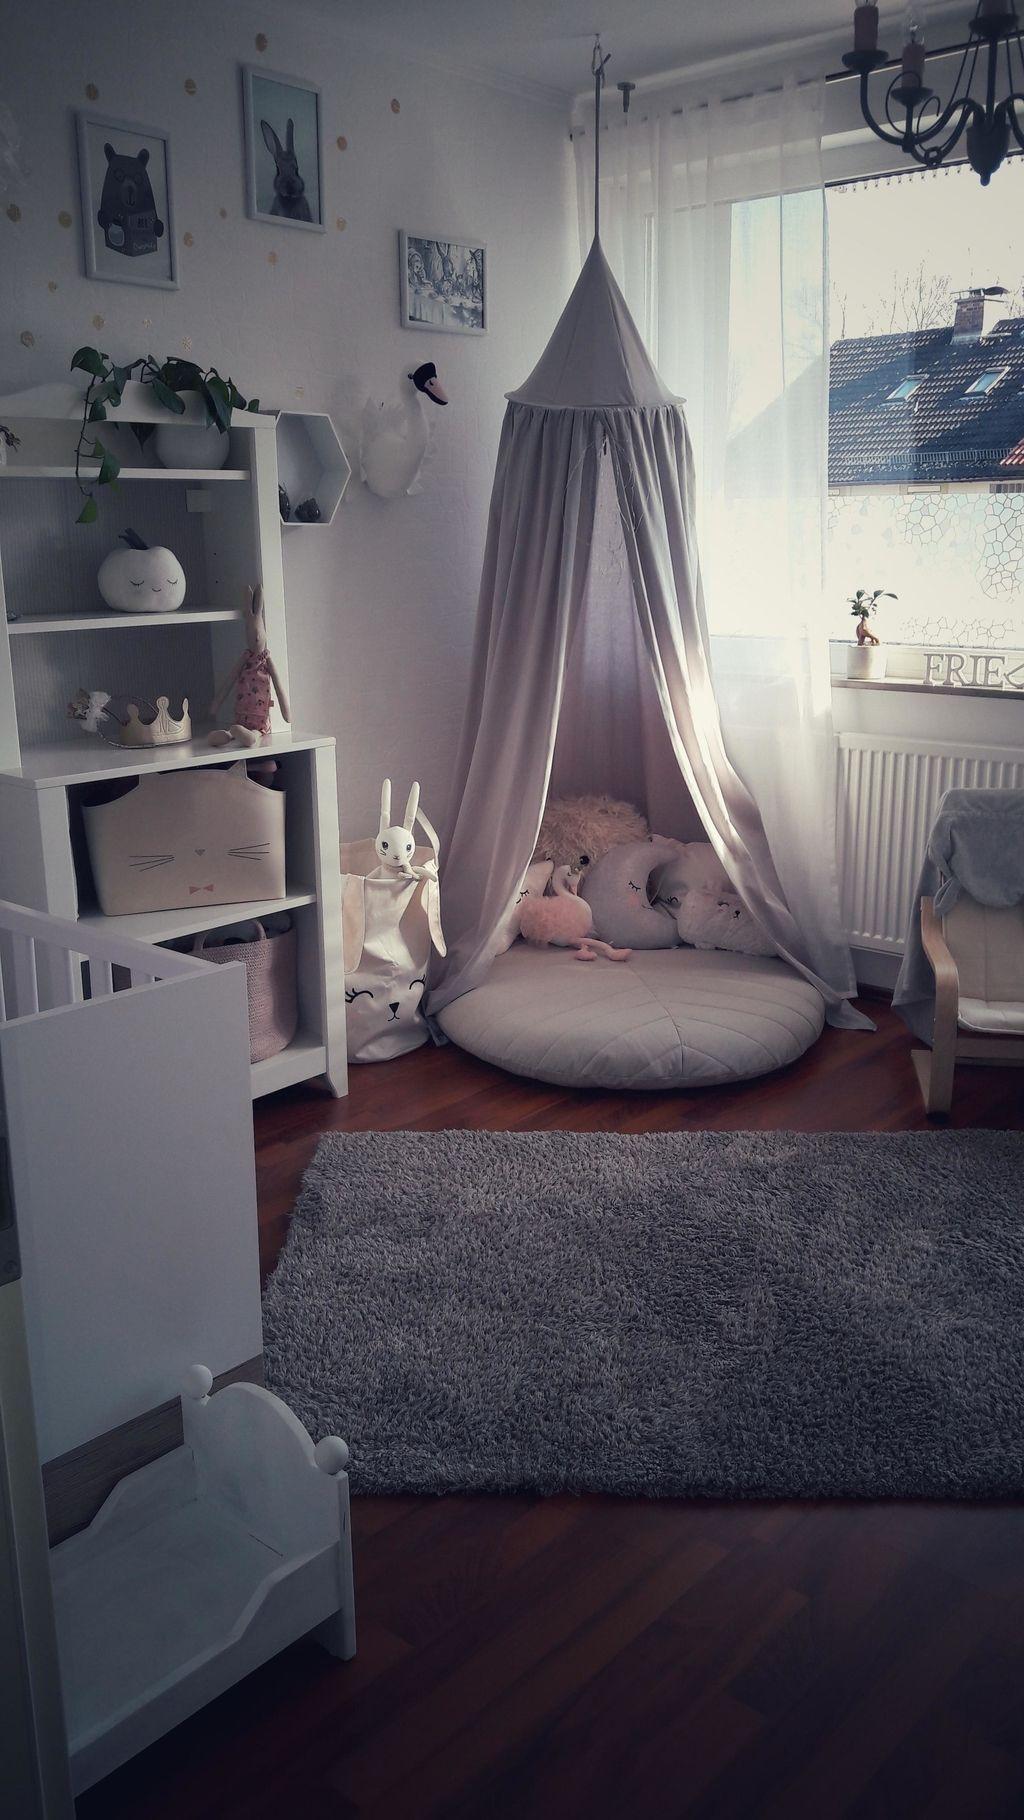 Baldachine Orientalisches Flair Fur Das Schlafzimmer Kinderzimmer Weiss Wandfarbe Kinderzimmer Kinder Zimmer